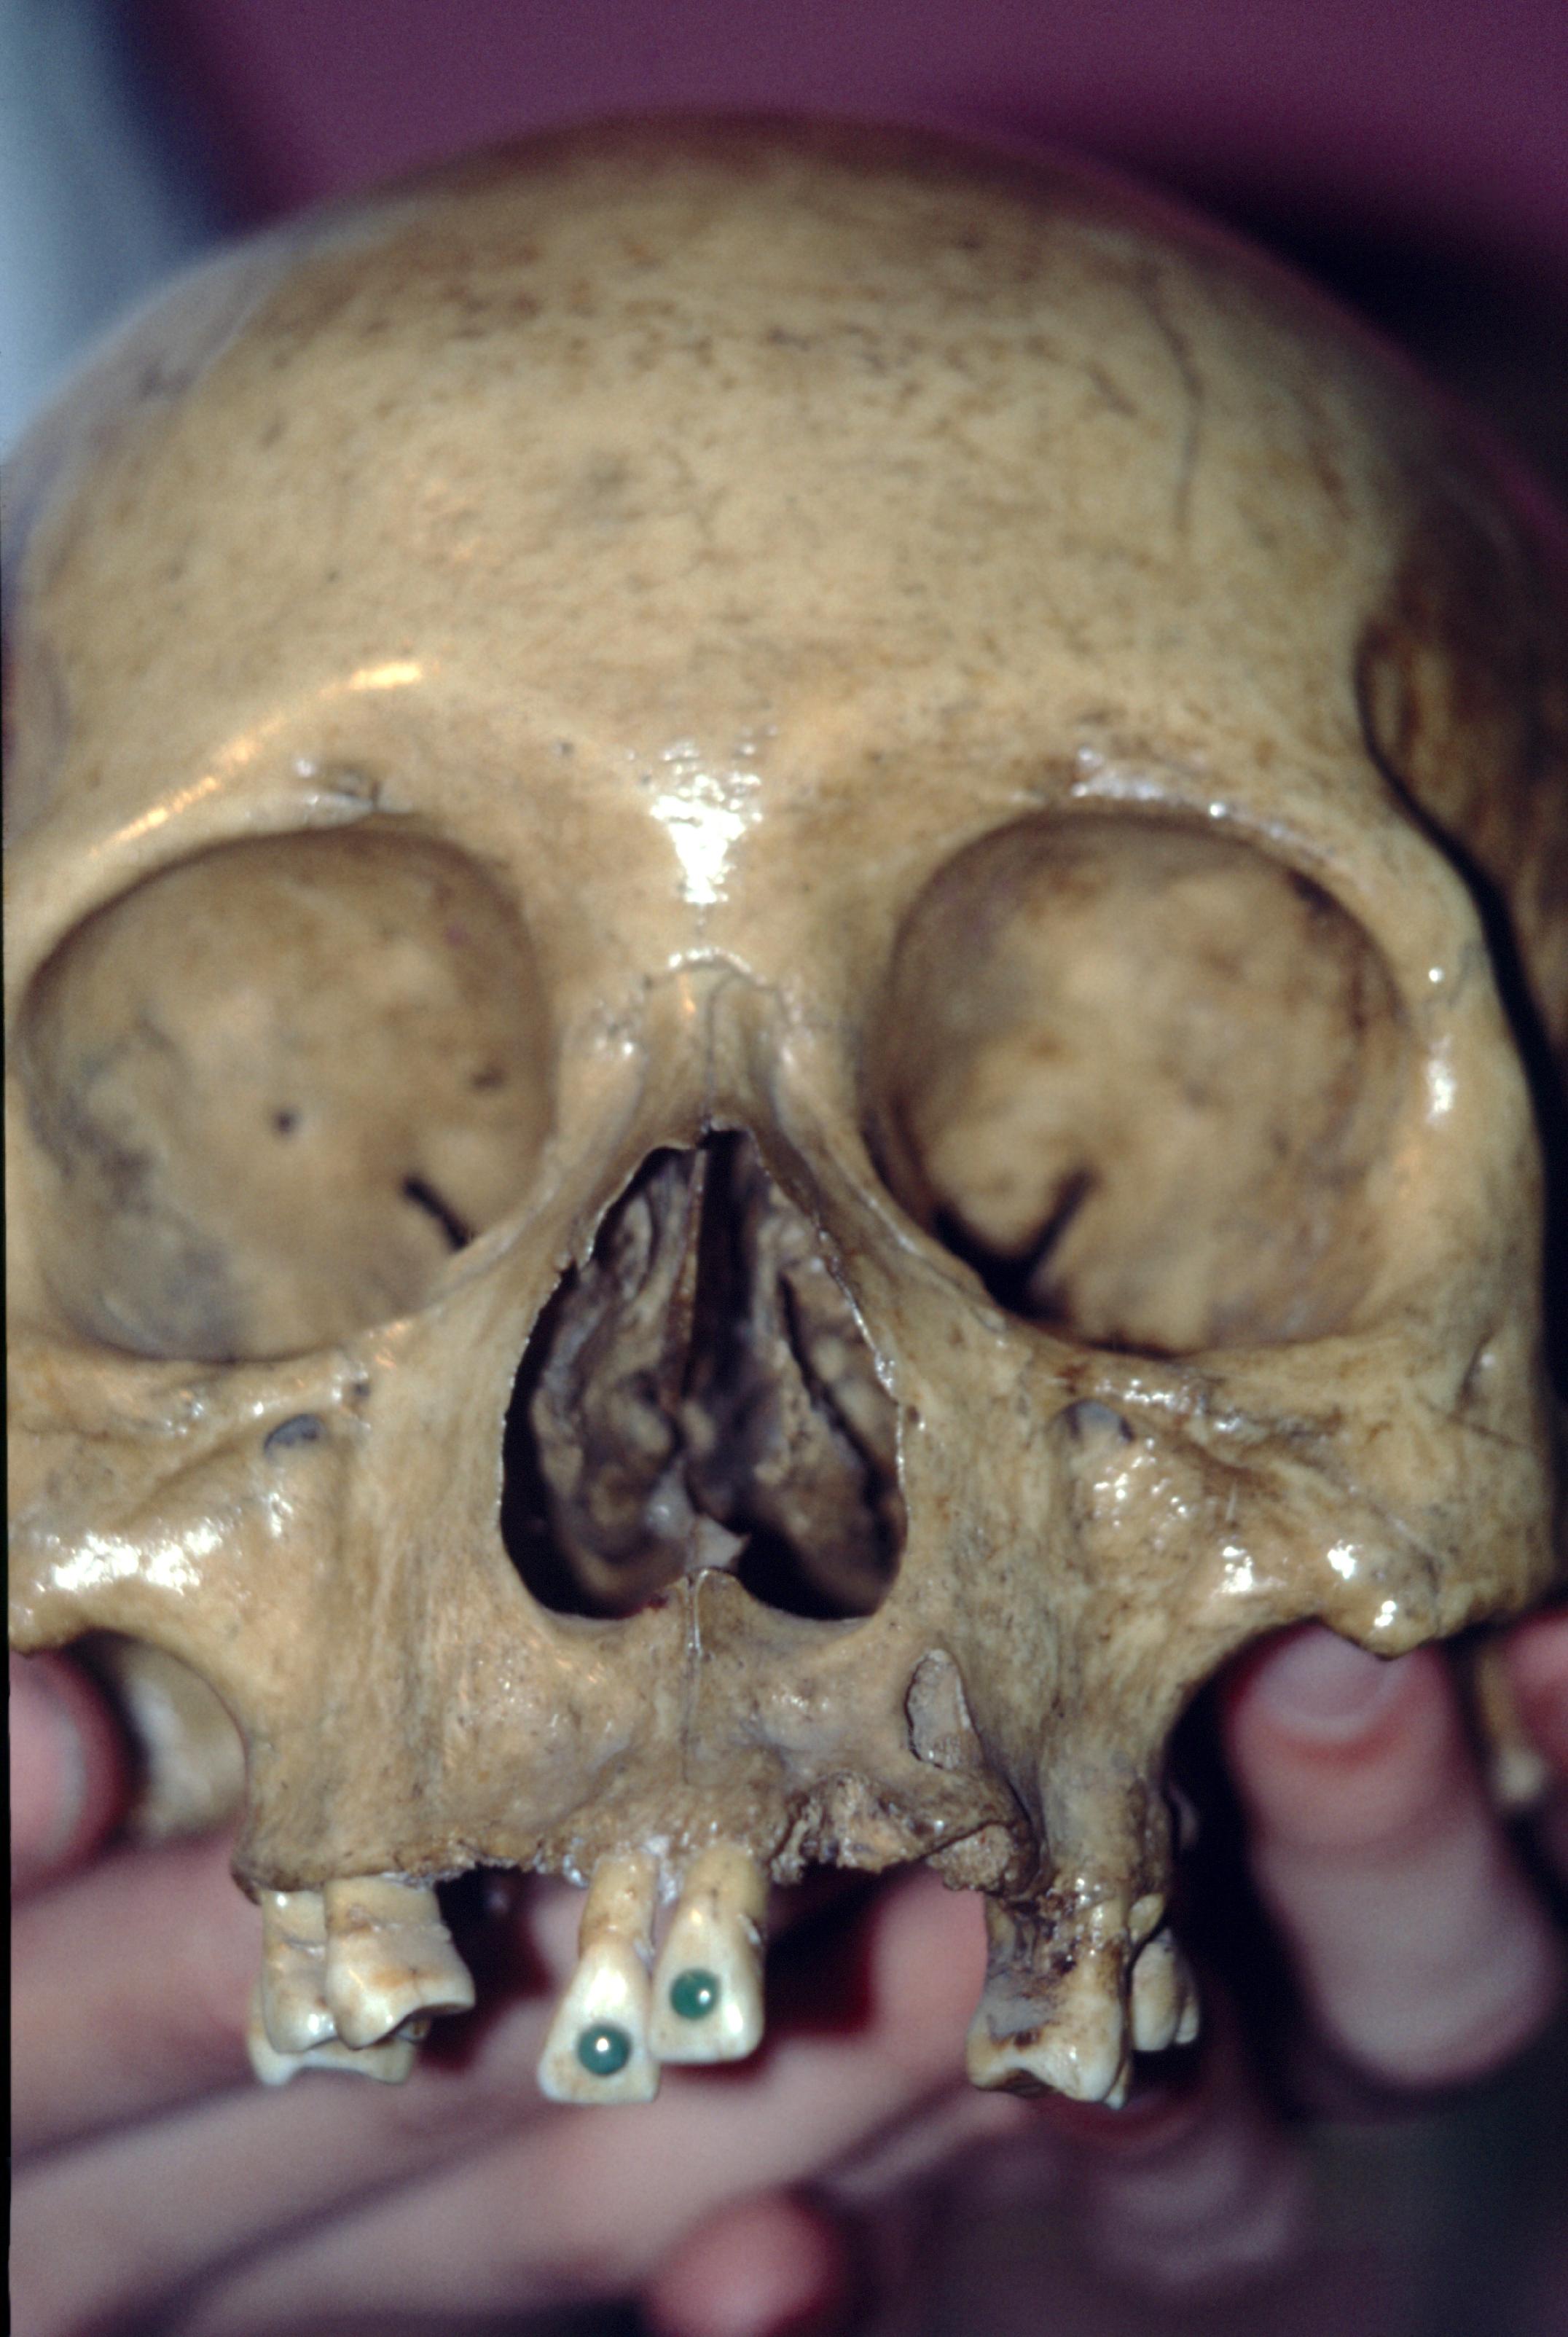 Une pièce exceptionnelle, un crâne de cacique Maya ; par vénération pour le jade, il s'était fait incruster de son vivant deux perles de jade sur les incisives. Sans dentiste !